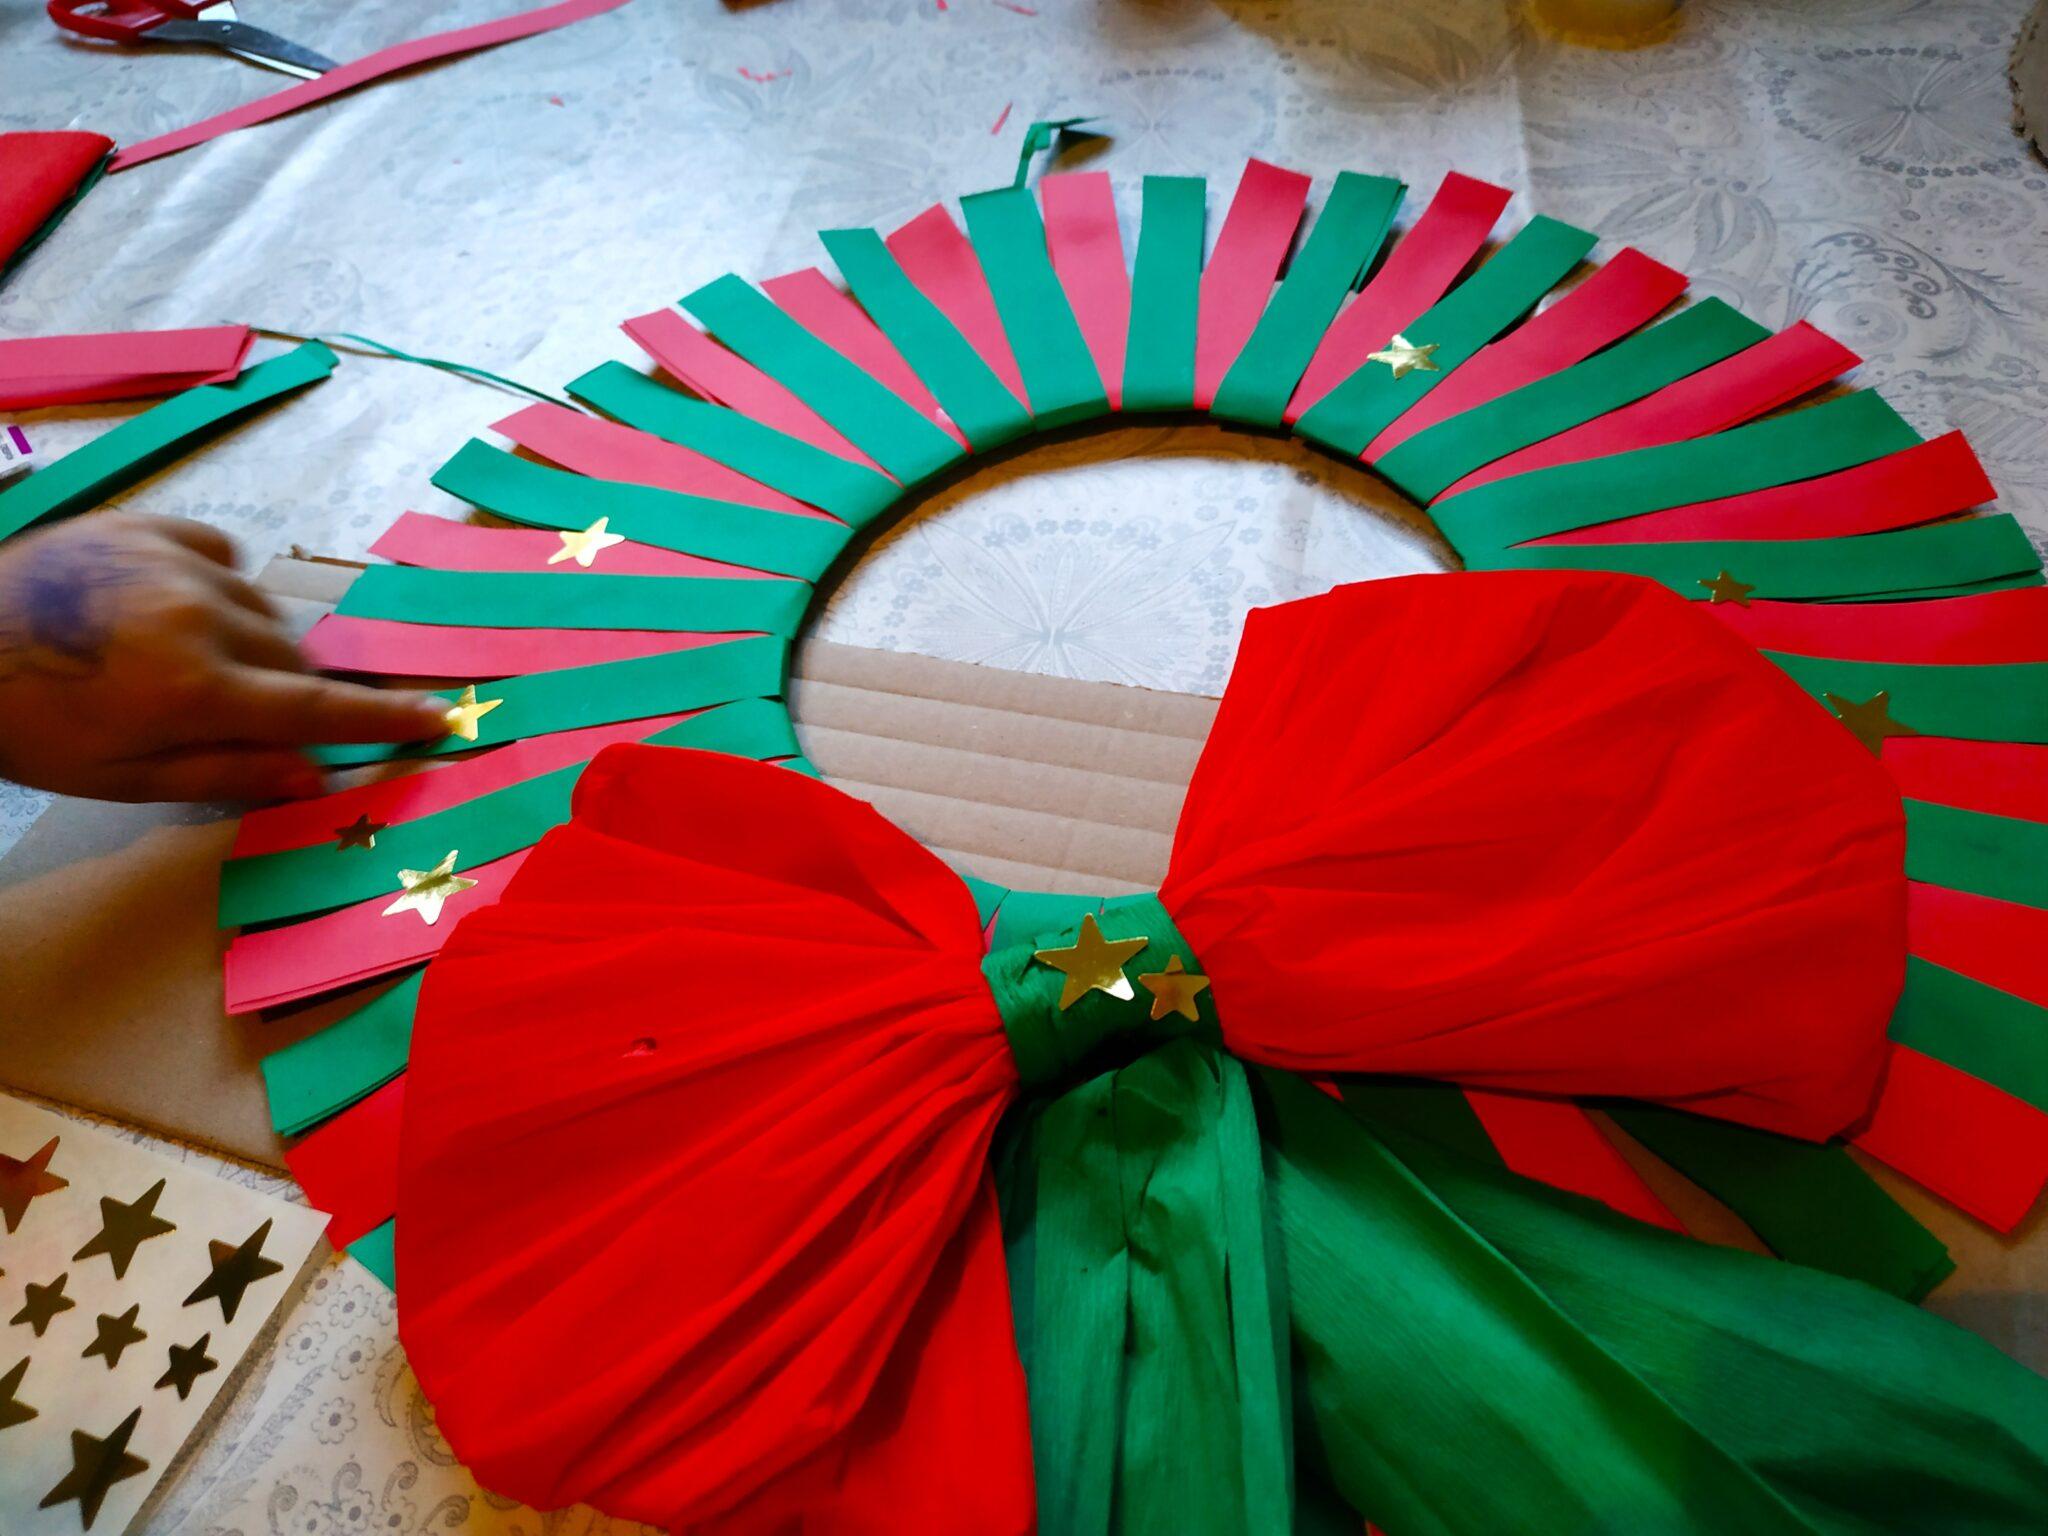 IMG 20191111 175608 - Manualidades para decoración navideña